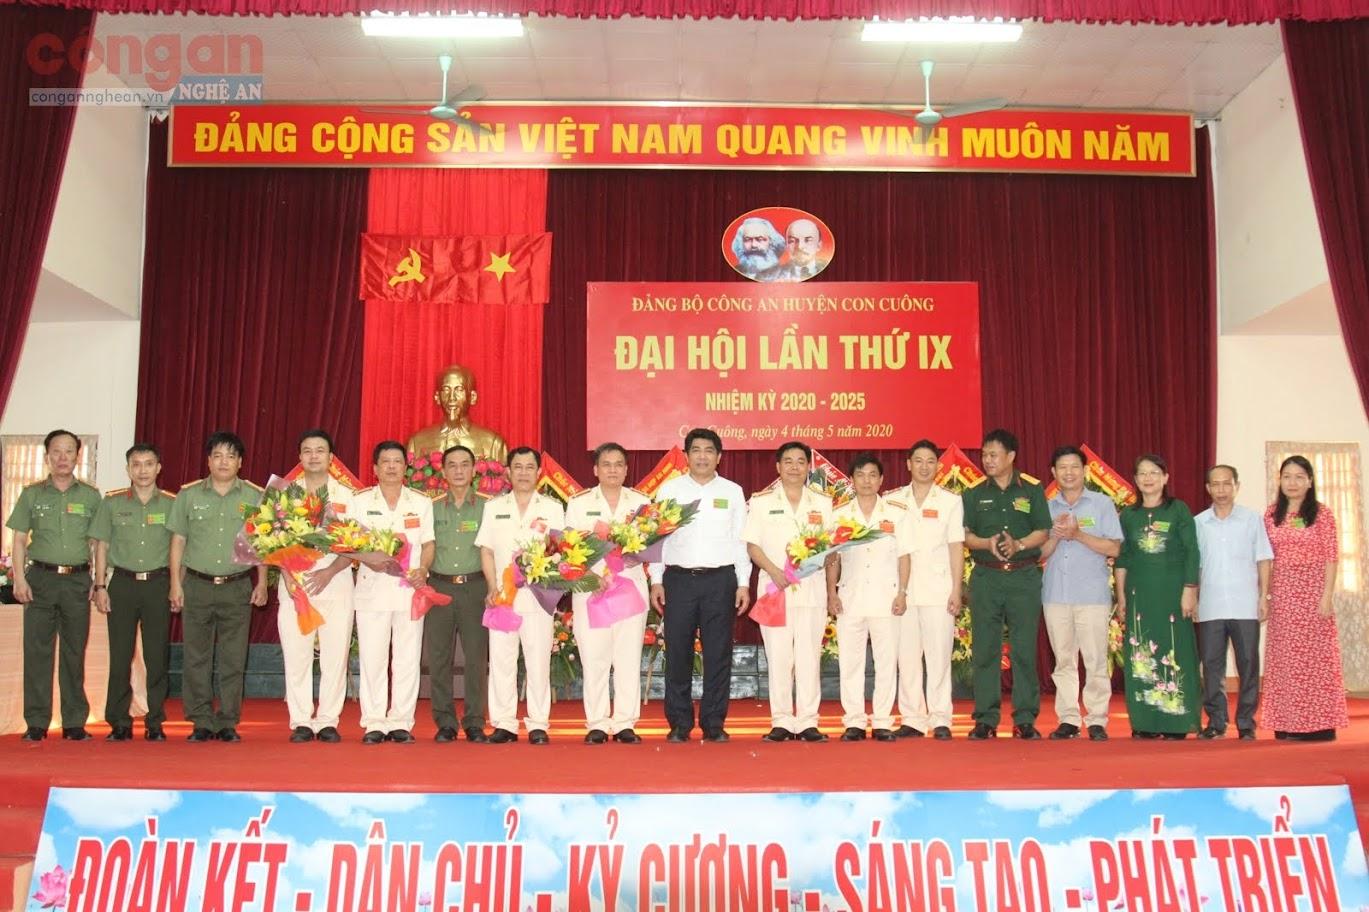 Lãnh đạo Công an tỉnh là Lãnh đạo Huyện uỷ, UBND huyện chúc mừng BCH Đảng bộ Công an huyện nhiệm kỳ 2020-2025.